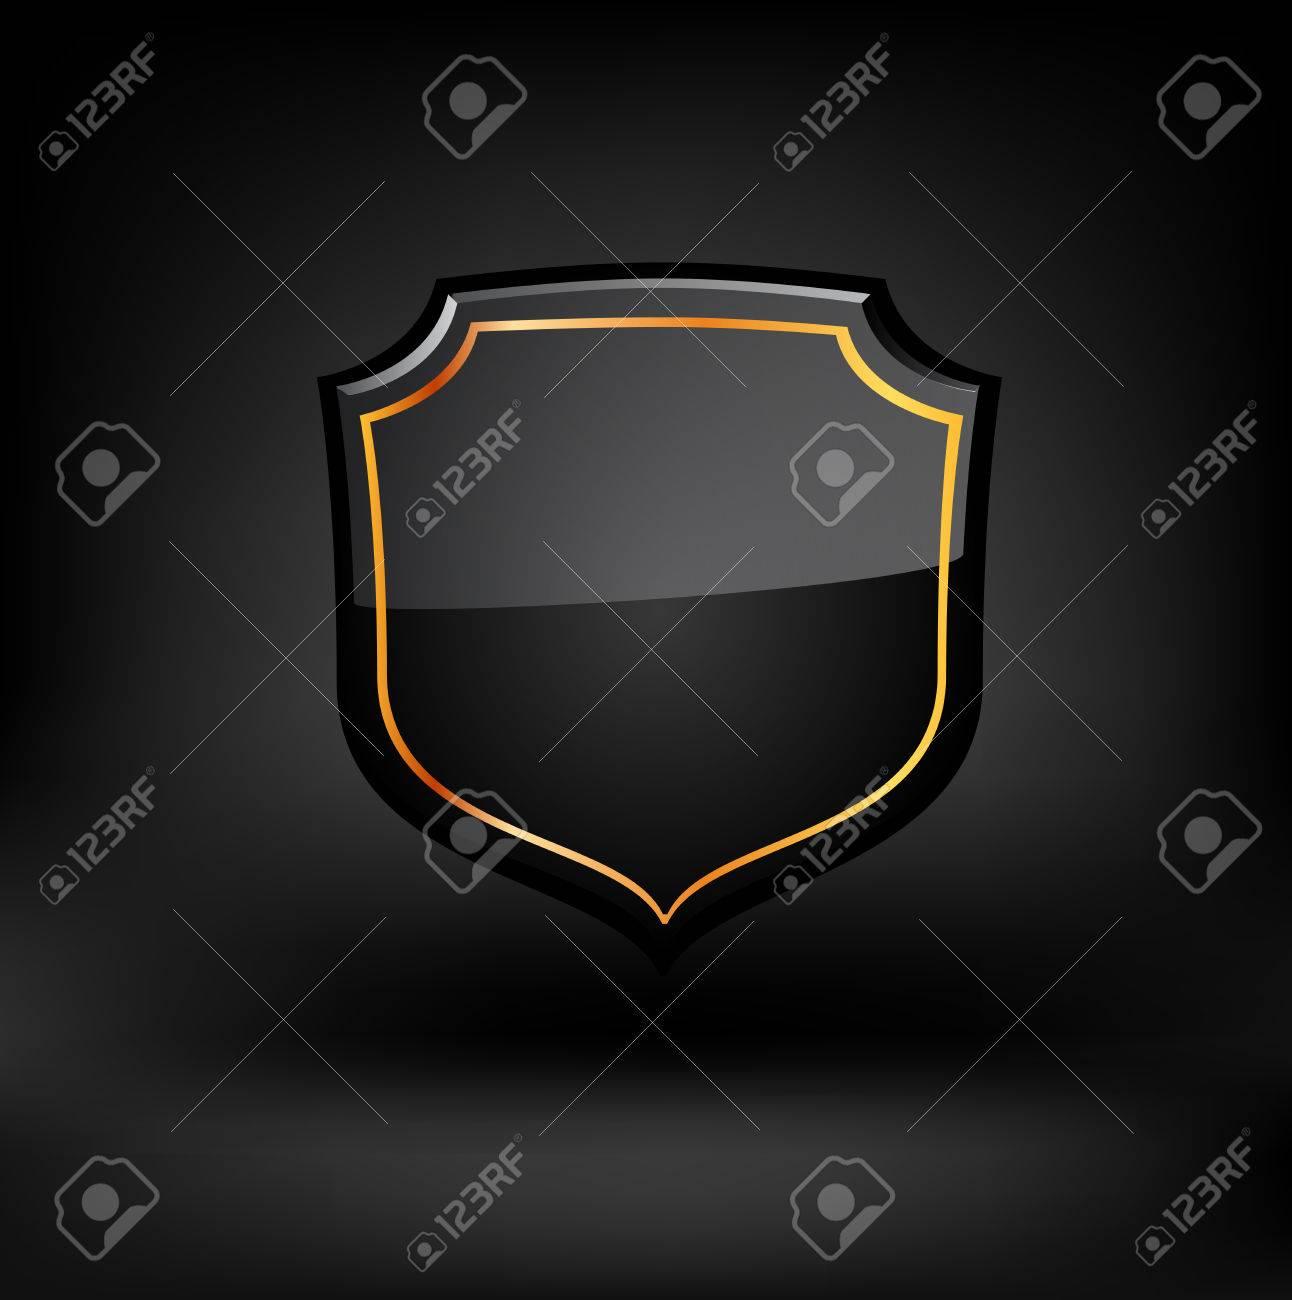 Black frame. - 35754521